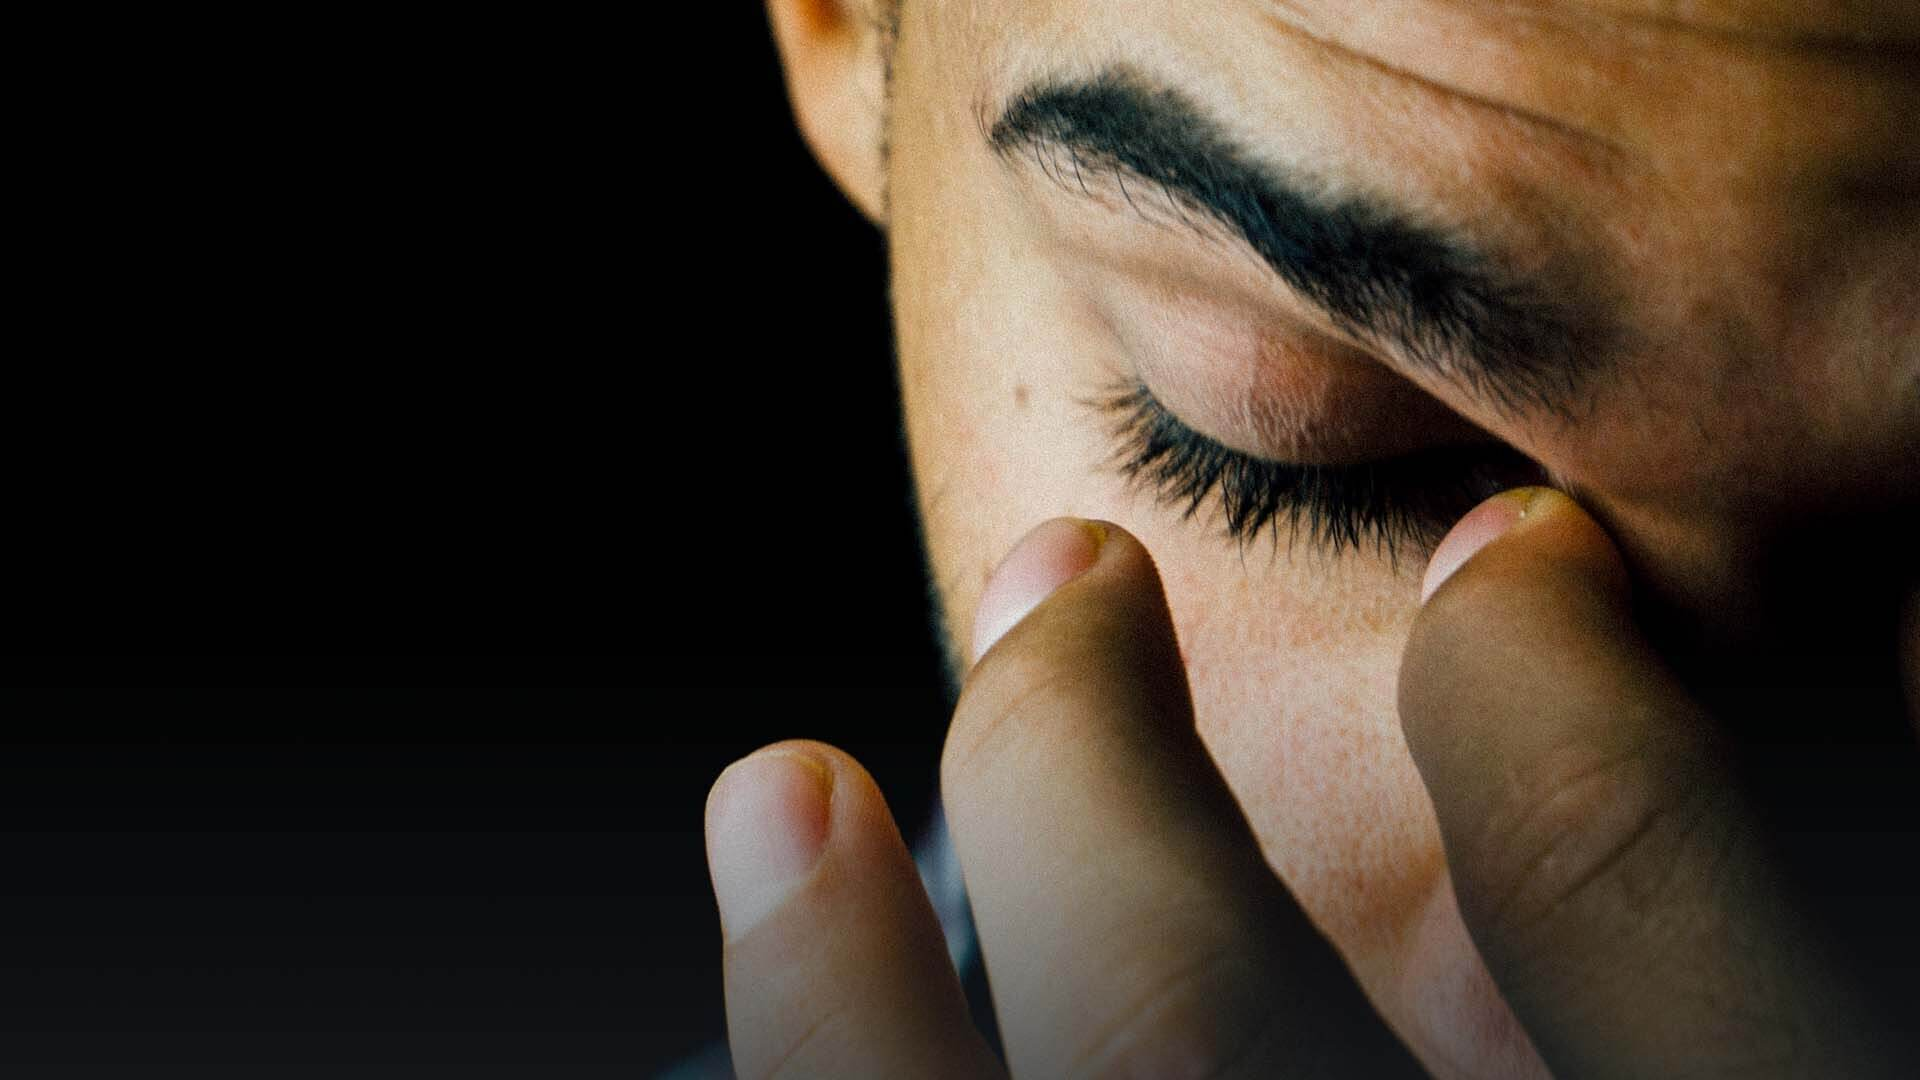 Il suicidio è la terza causa di morte tra i giovani. E sono quasi tutti maschi